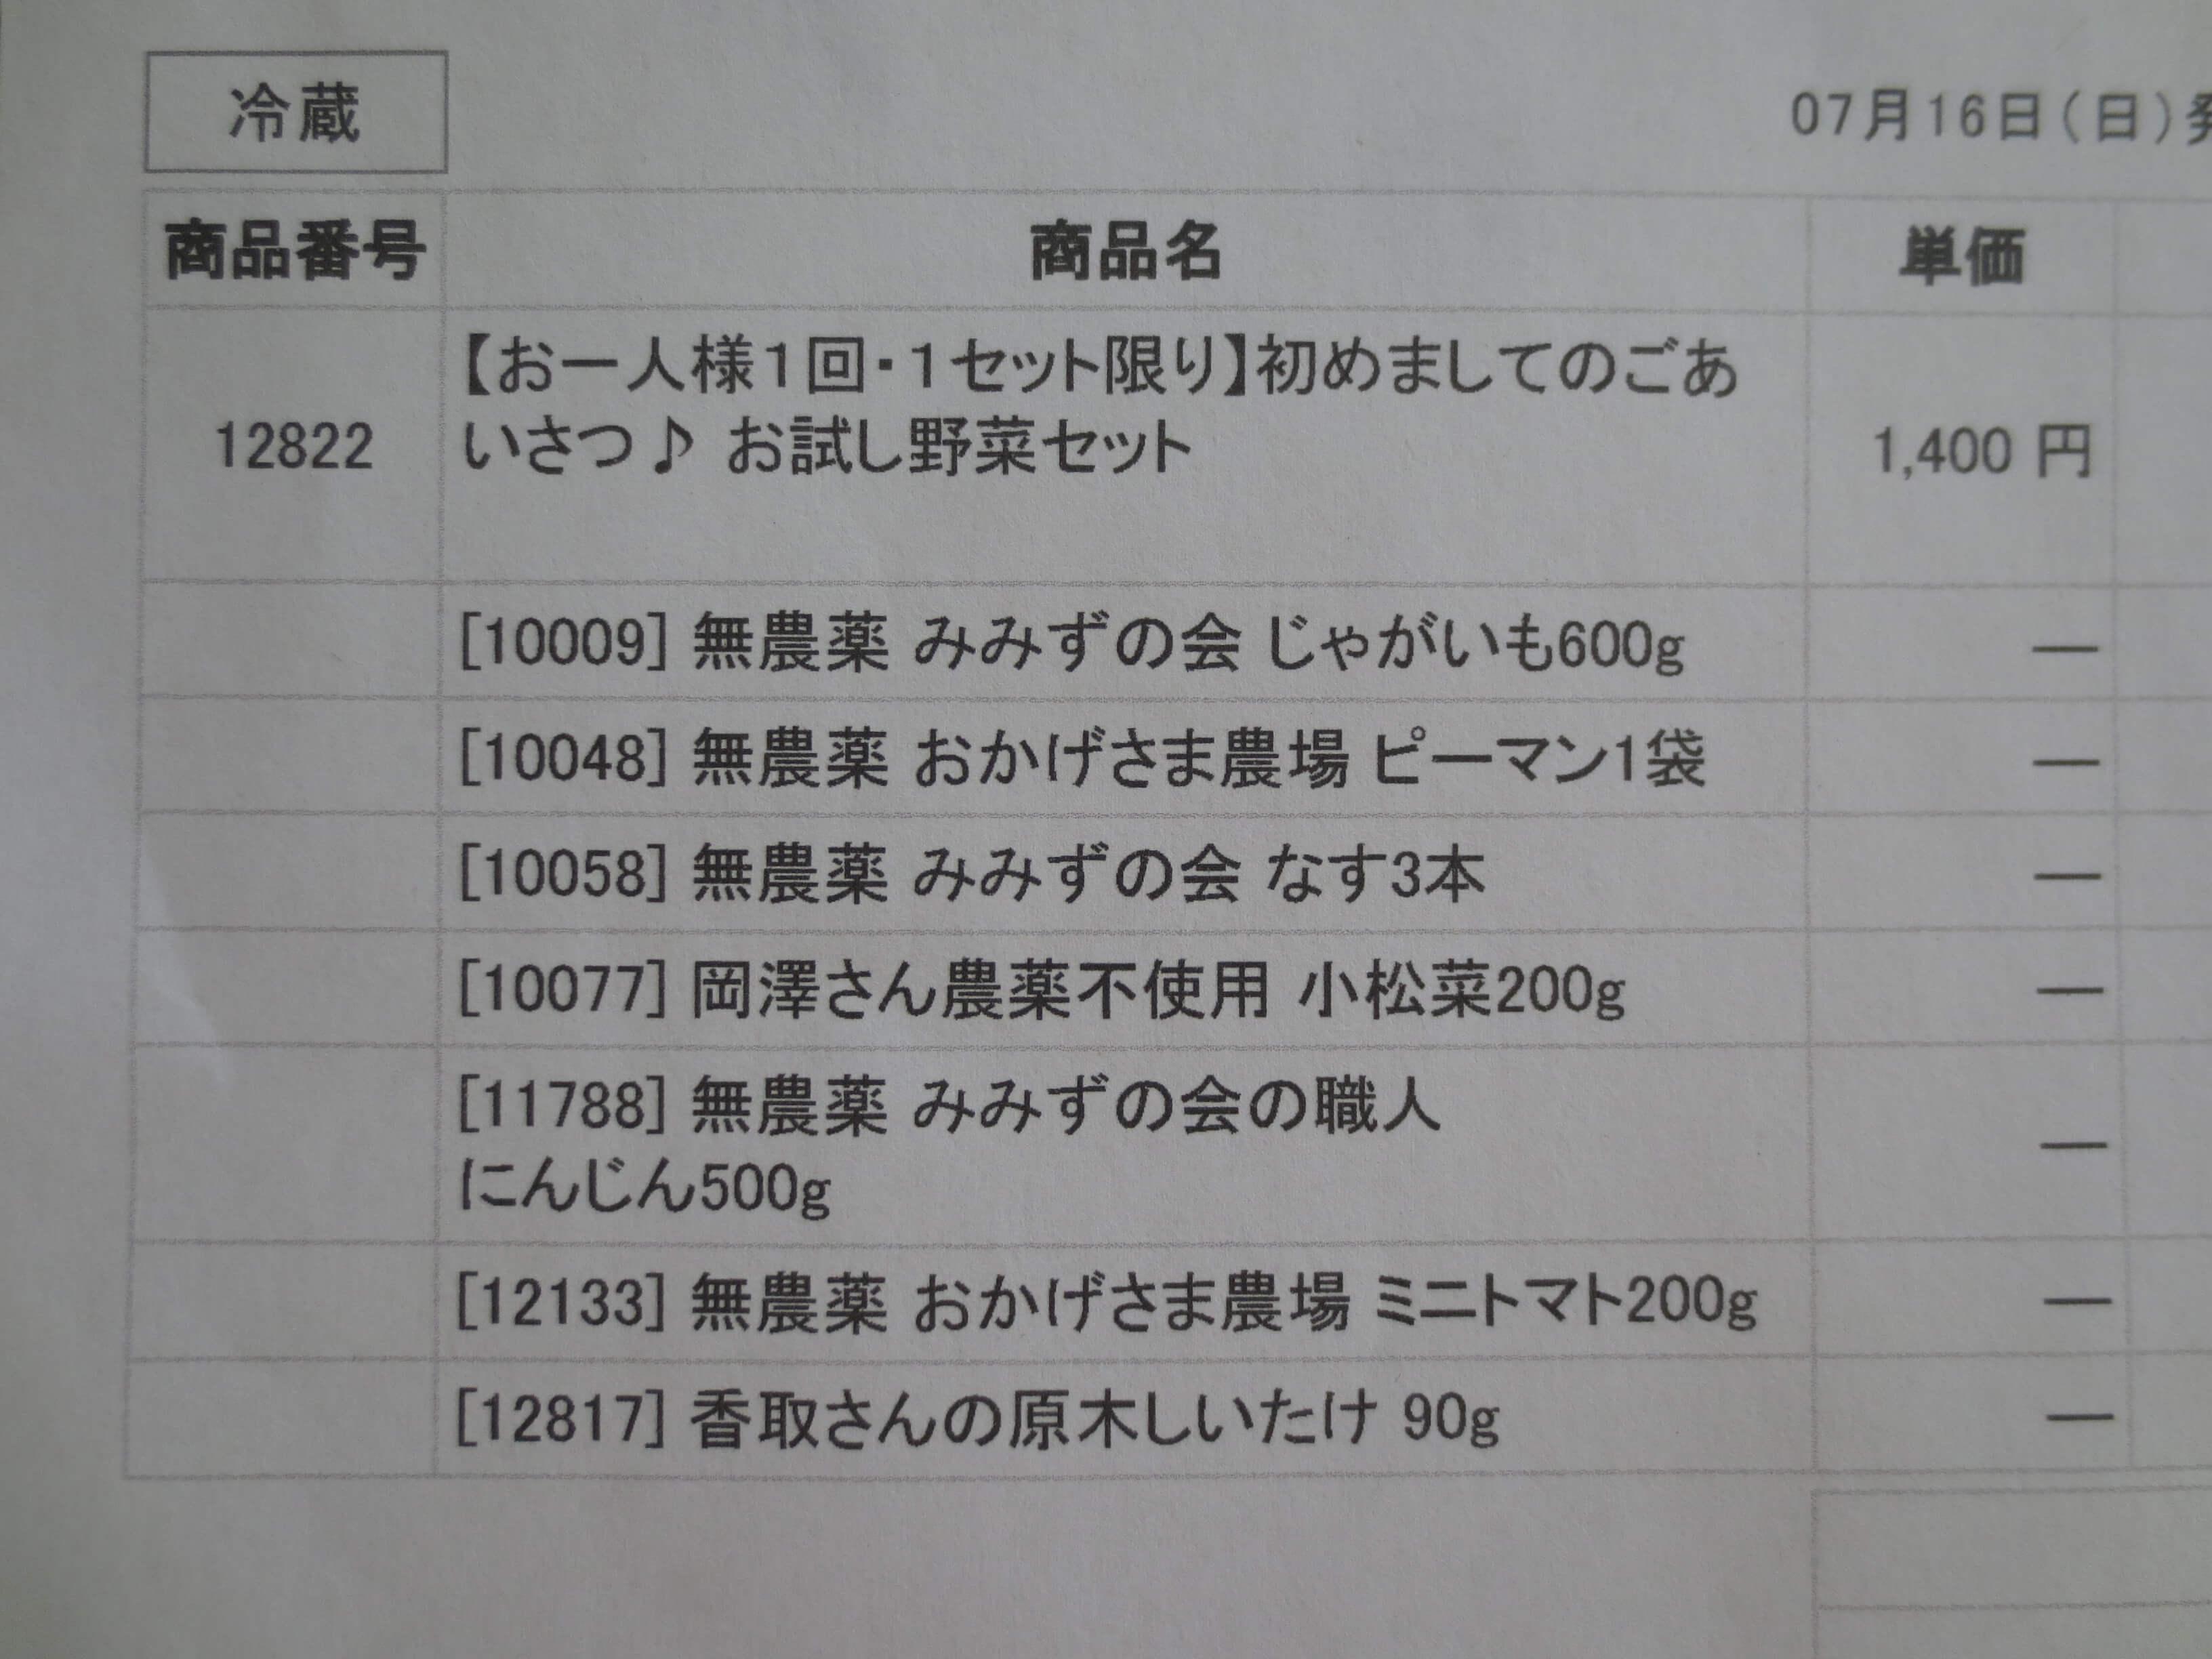 無農薬野菜のミレーメリットデメリット・評判8